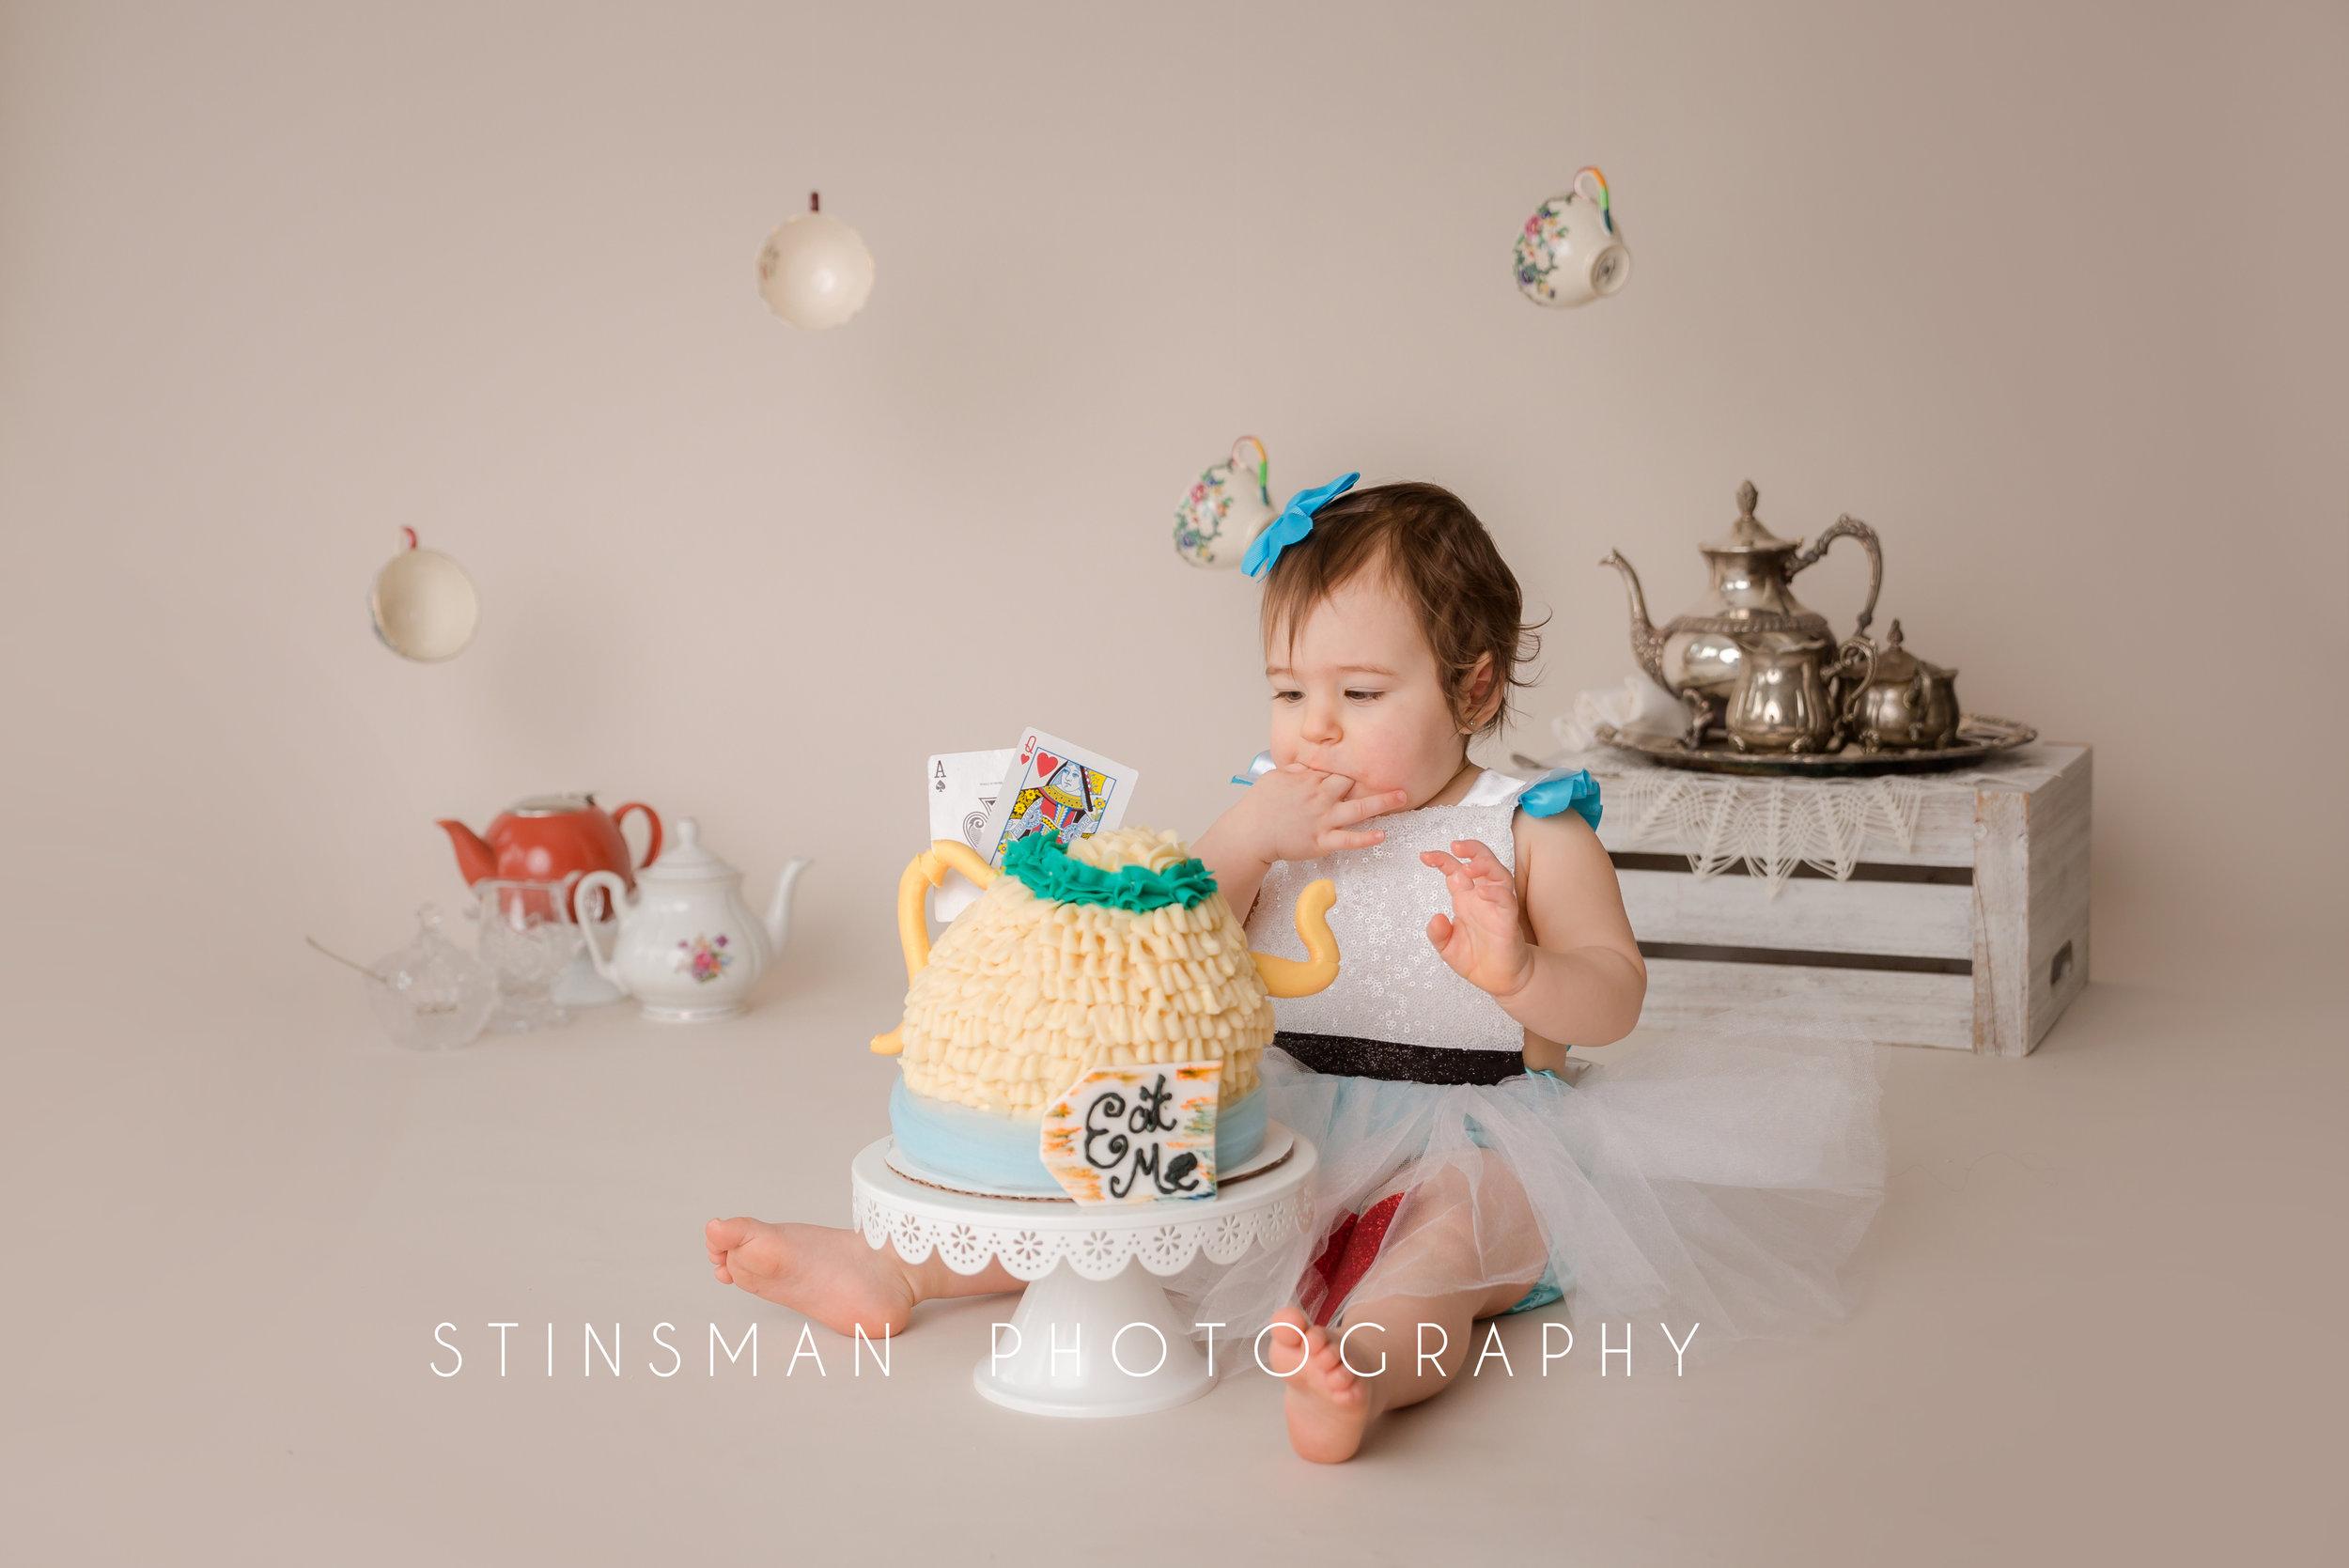 Aria eating her cake at her cake smash